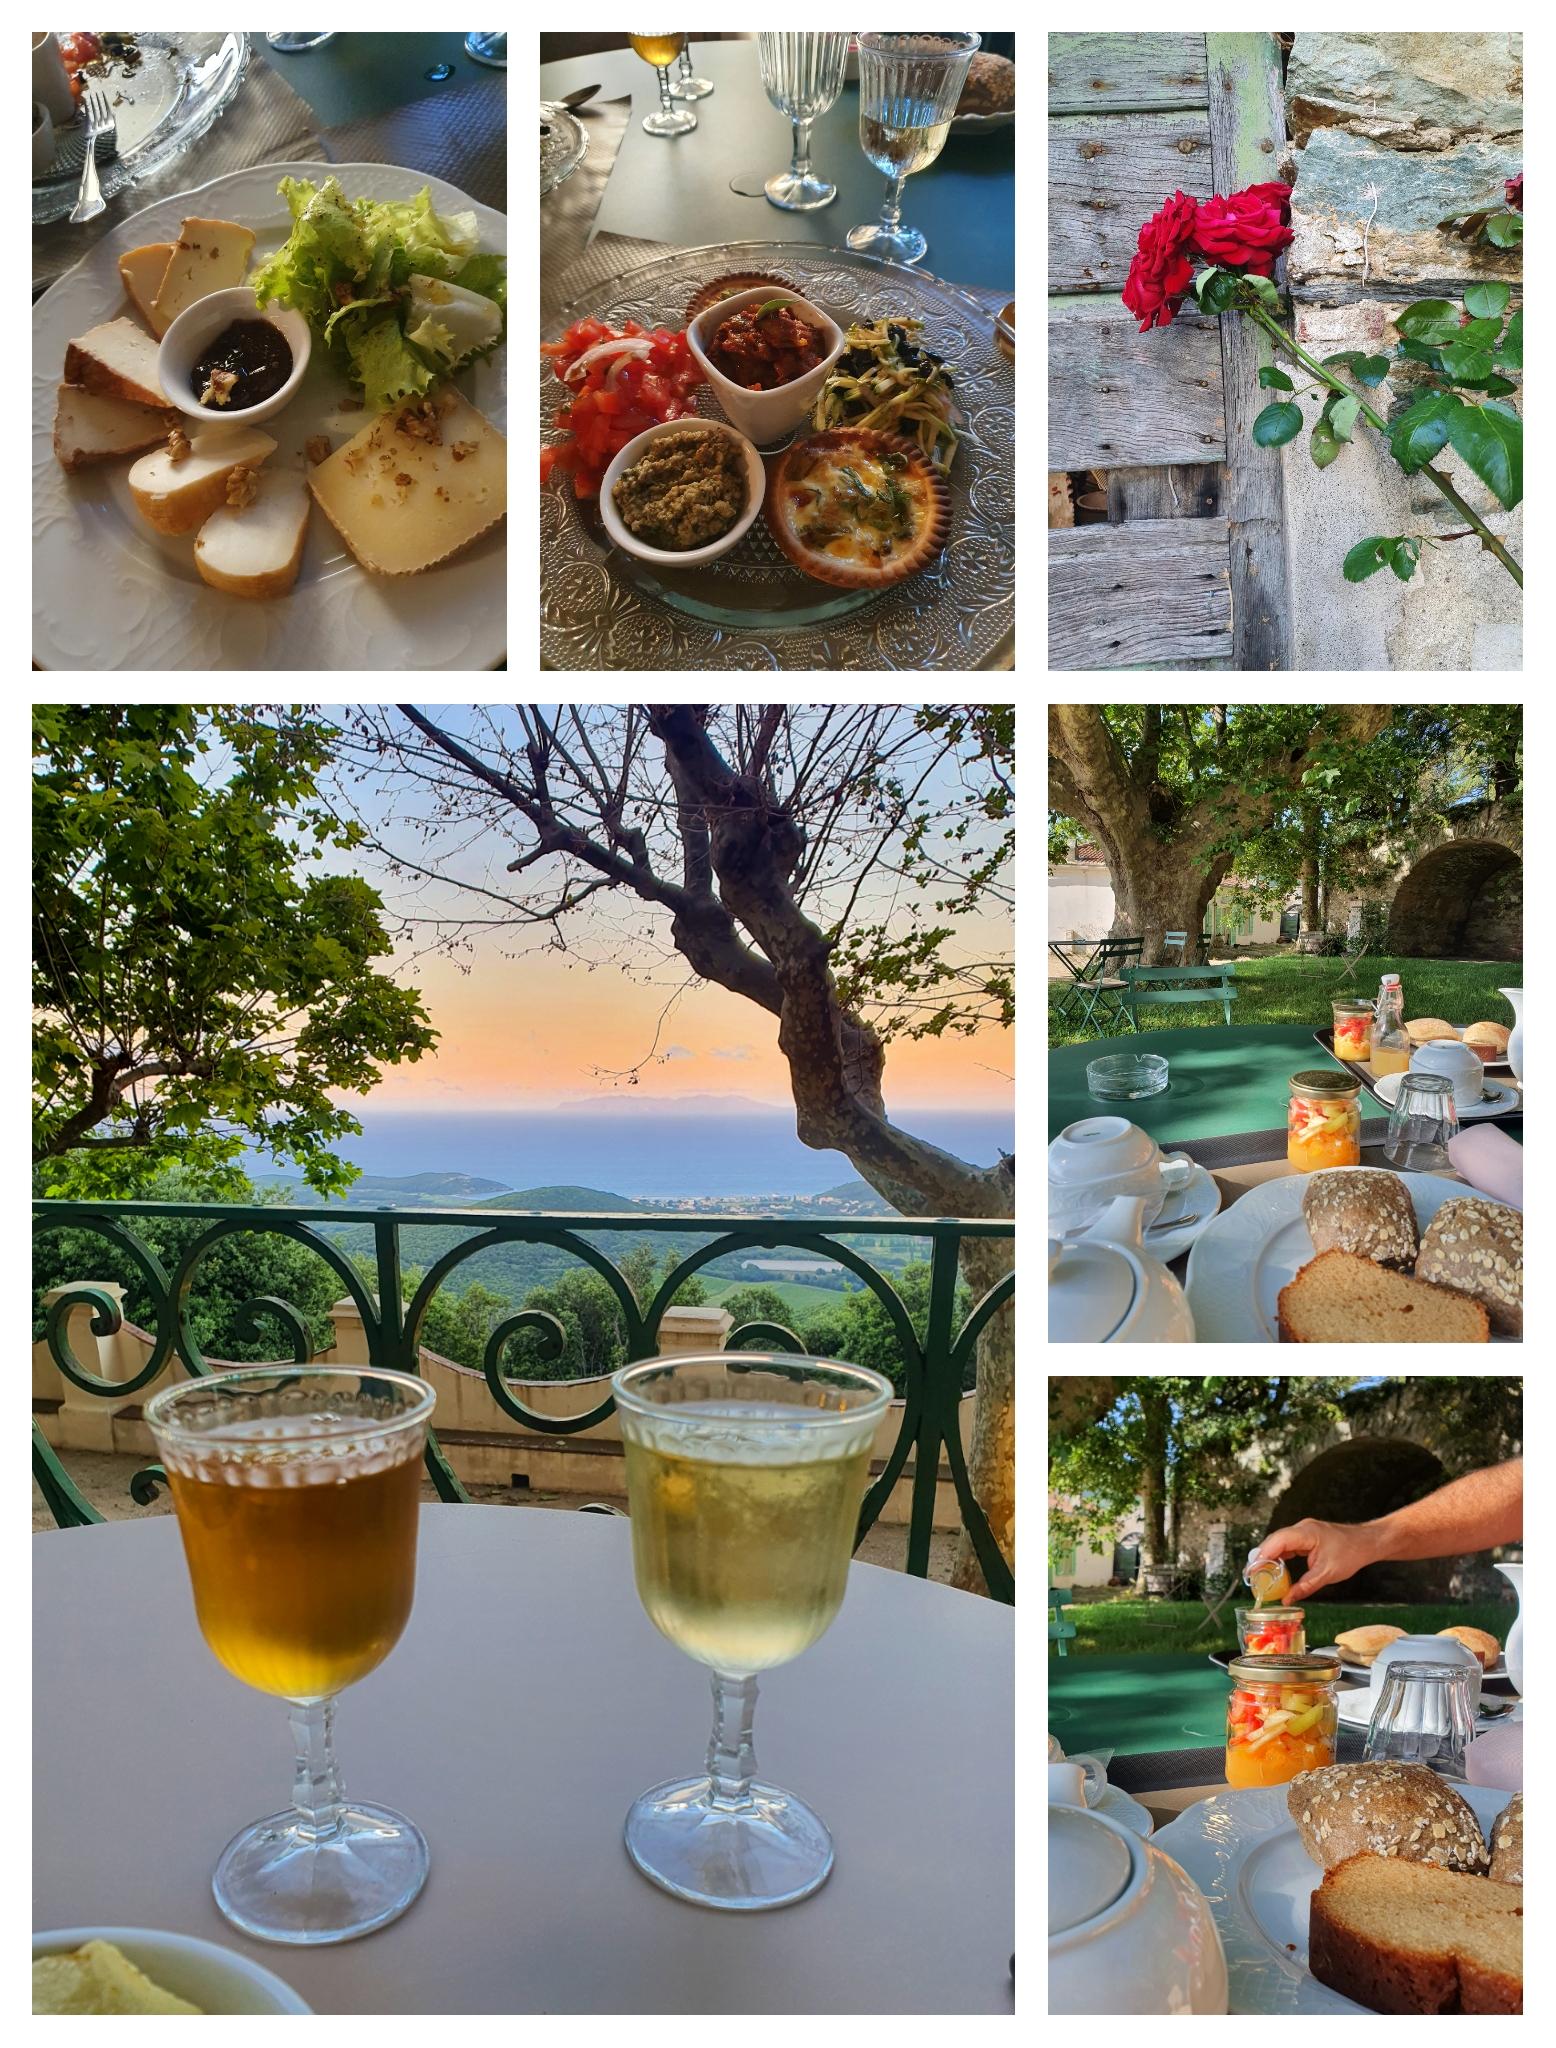 Le Palazzu Nicrosi à Rogliano, Cap Corse. Demeure de charme pour séjour en amoureux